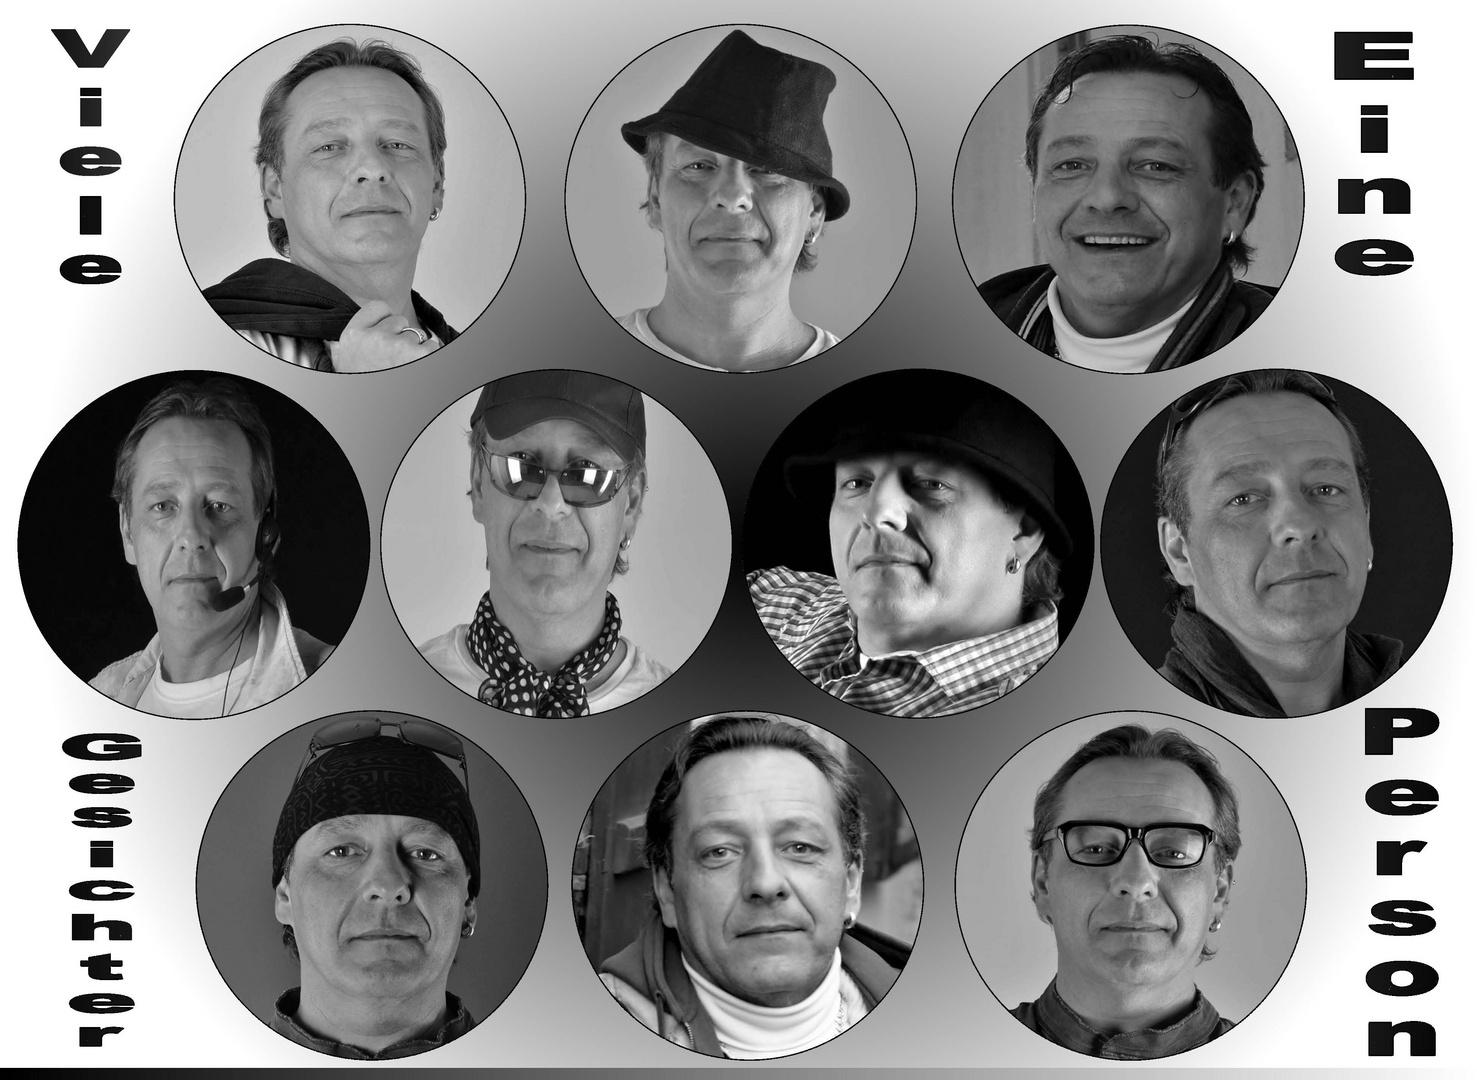 Eine Person ... viele Gesichter :-)